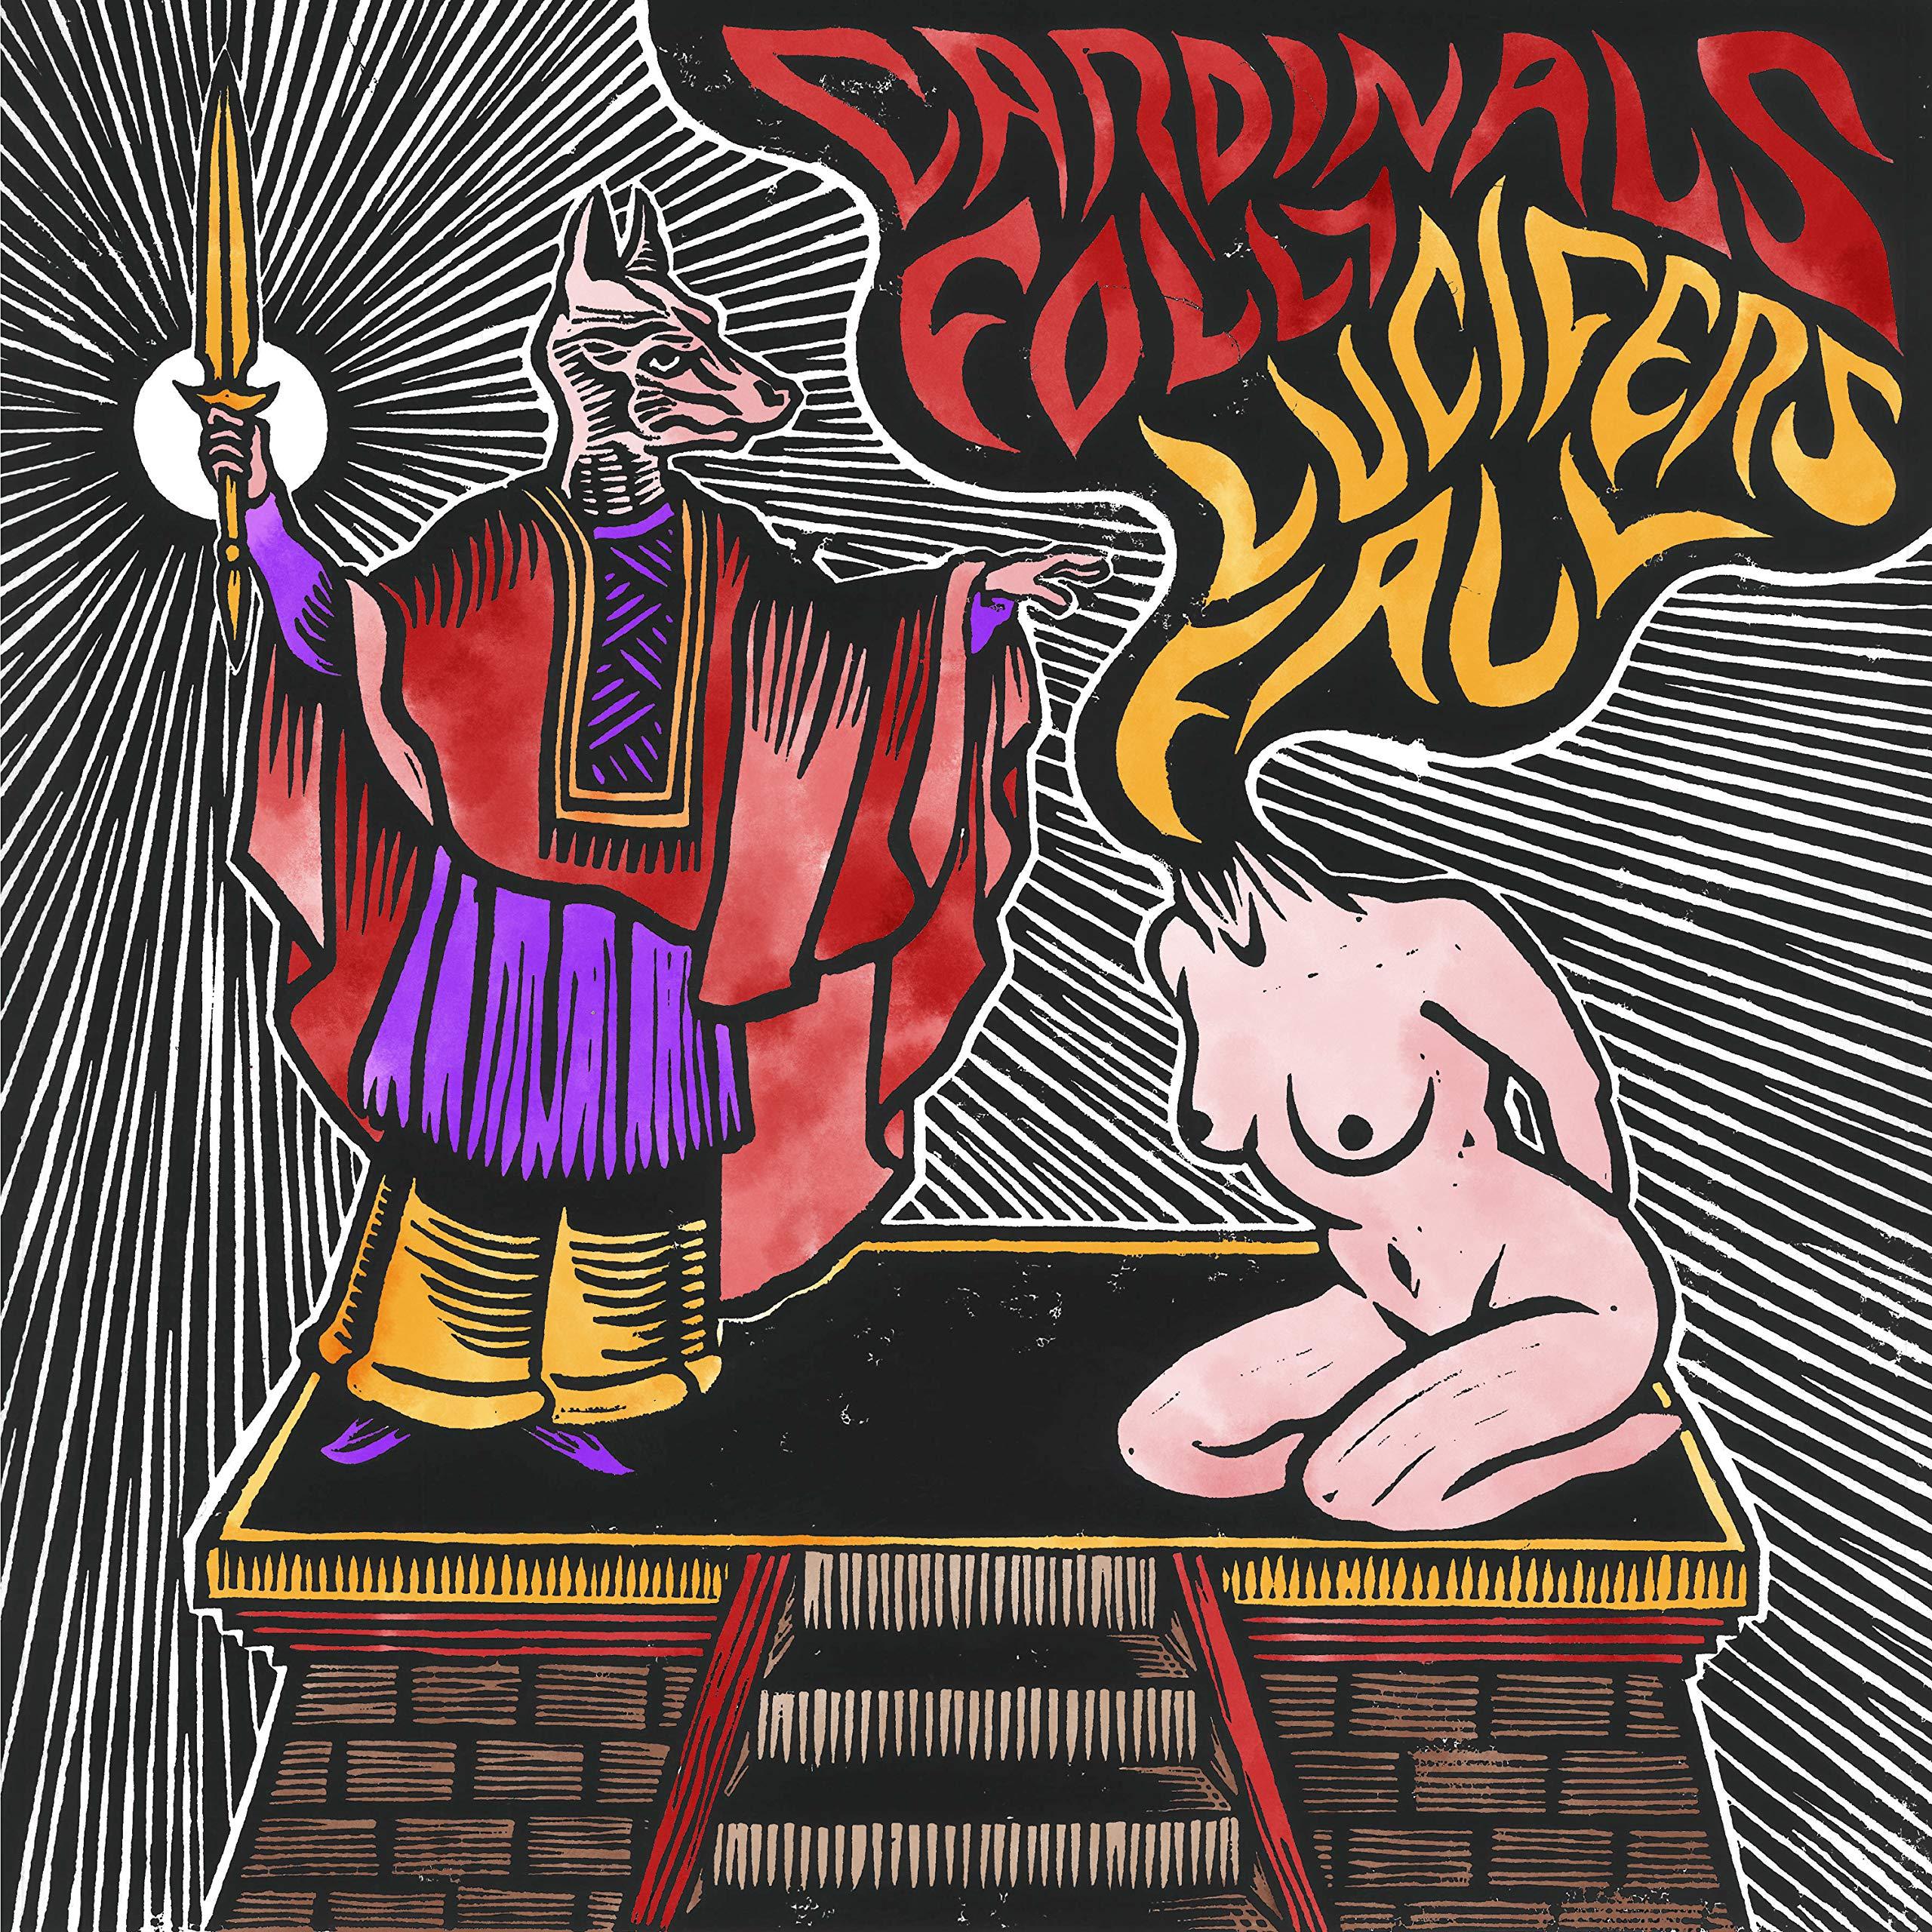 Vinilo : CARDINALS FOLLY - Split (LP Vinyl)